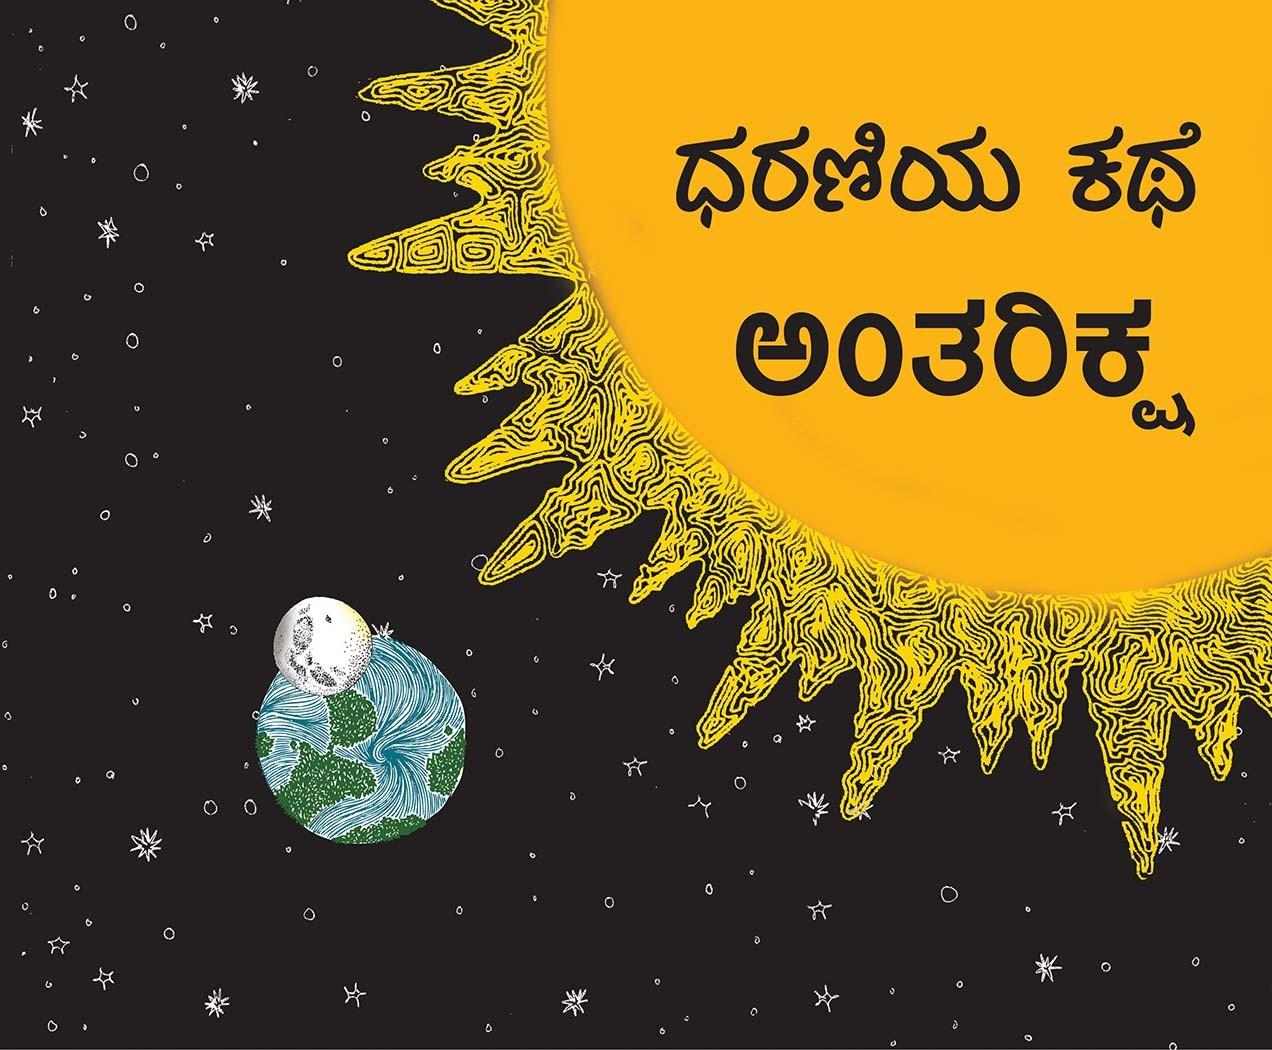 Bhoomi's Story-Space/Dharaniya Kathe-Anthariksha (Kannada)